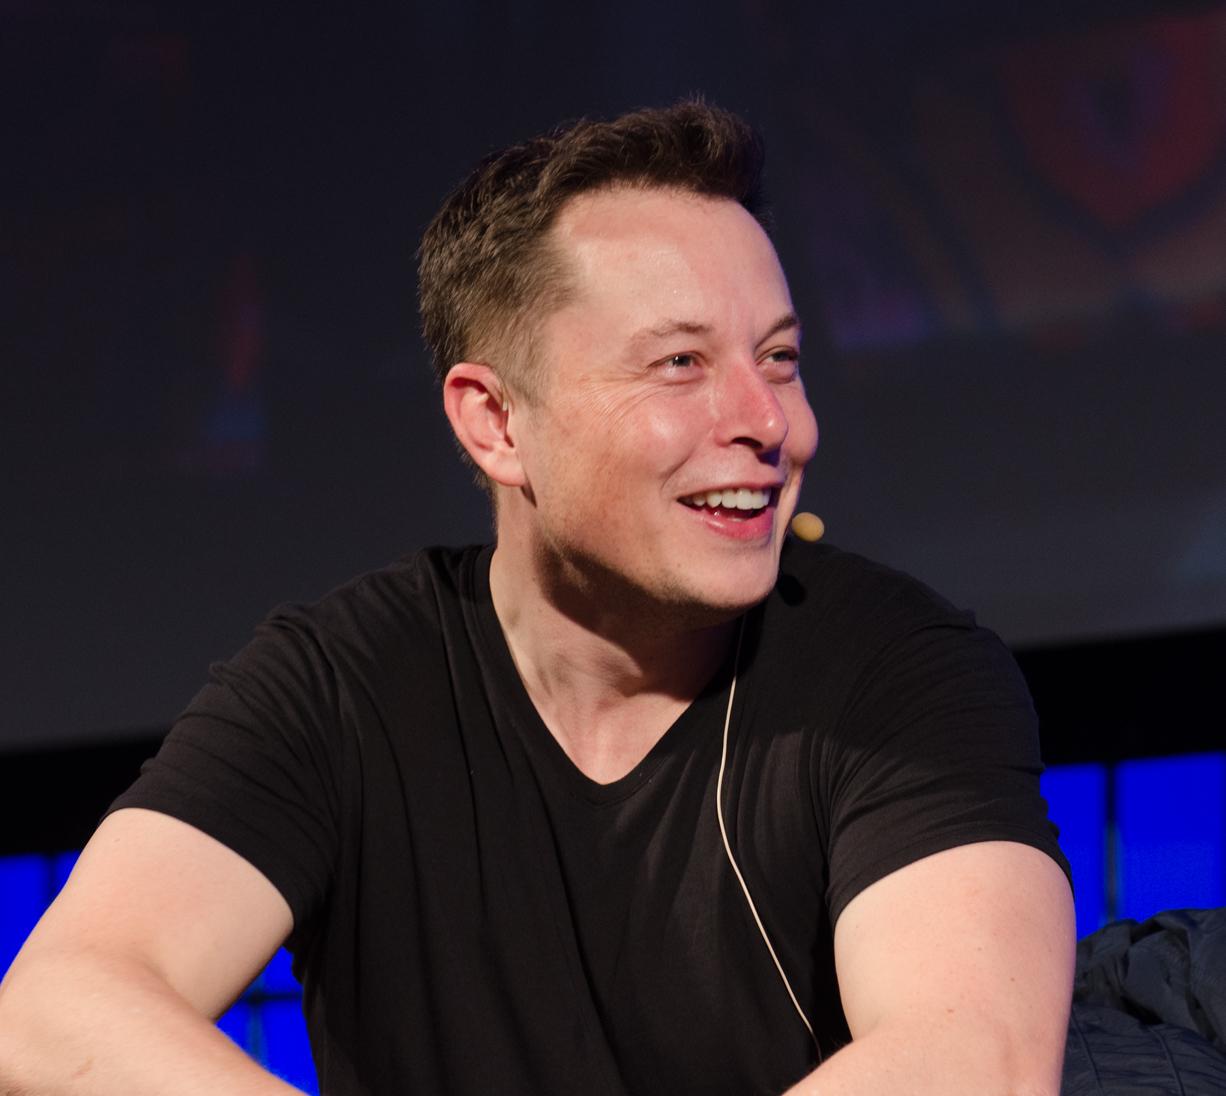 Elon Musk em uma camisa preta